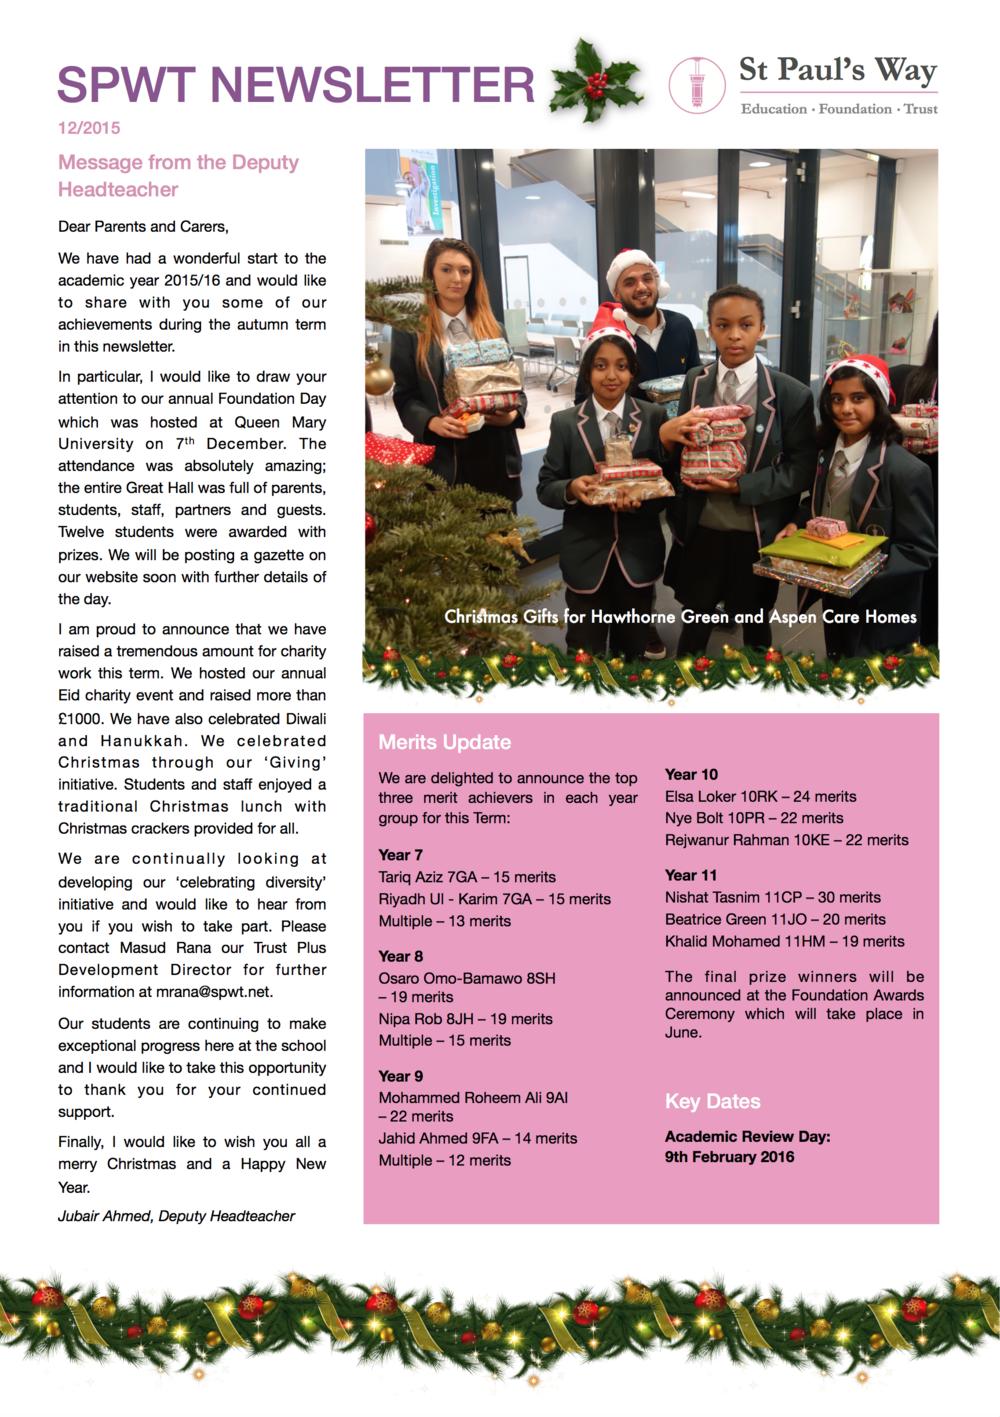 SPWT December Newsletter